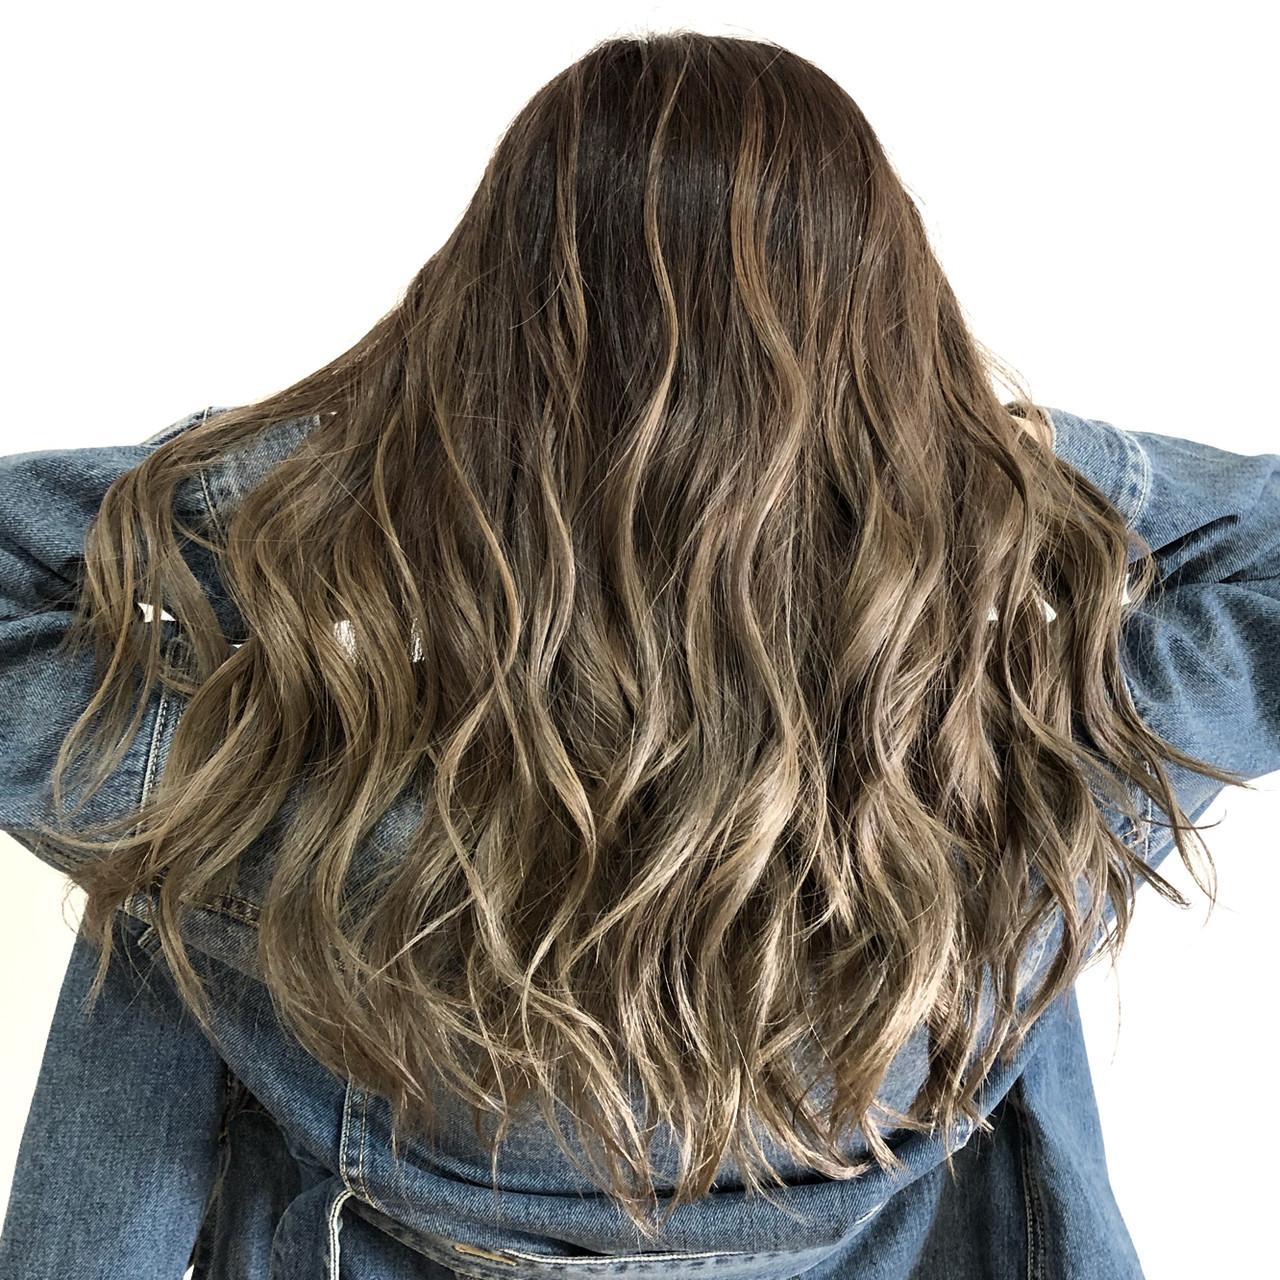 グレージュ フェミニン バレイヤージュ セミロング ヘアスタイルや髪型の写真・画像